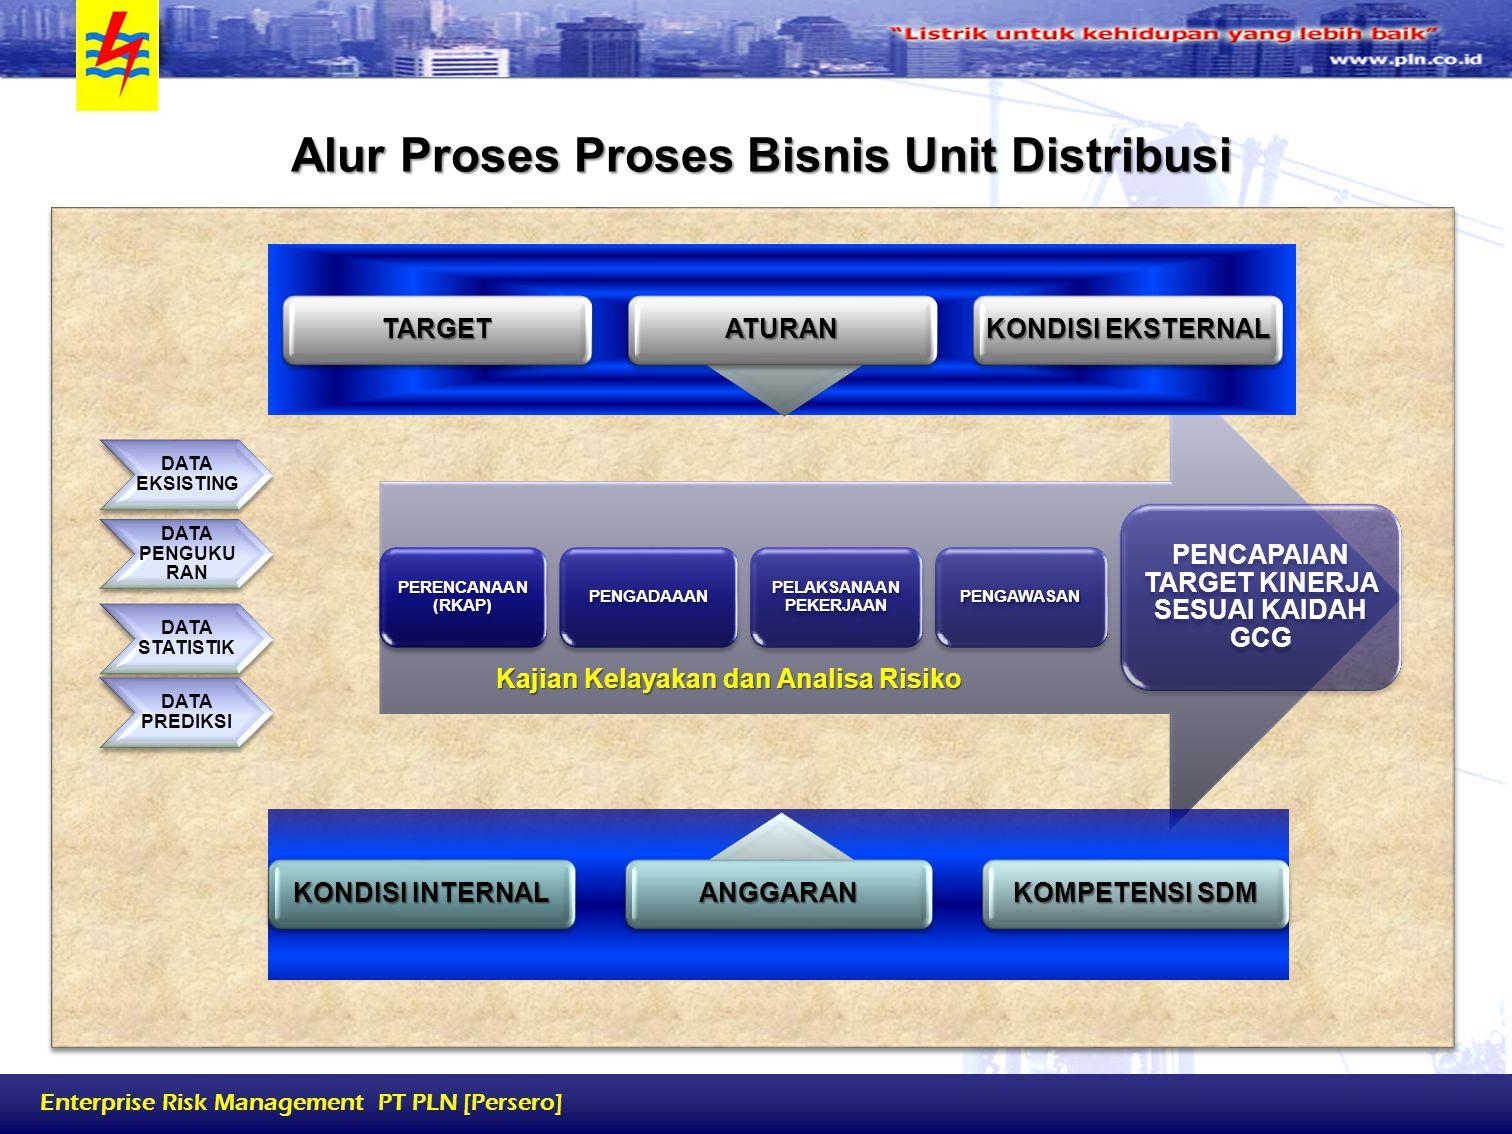 Alur Proses Proses Bisnis Unit Distribusi